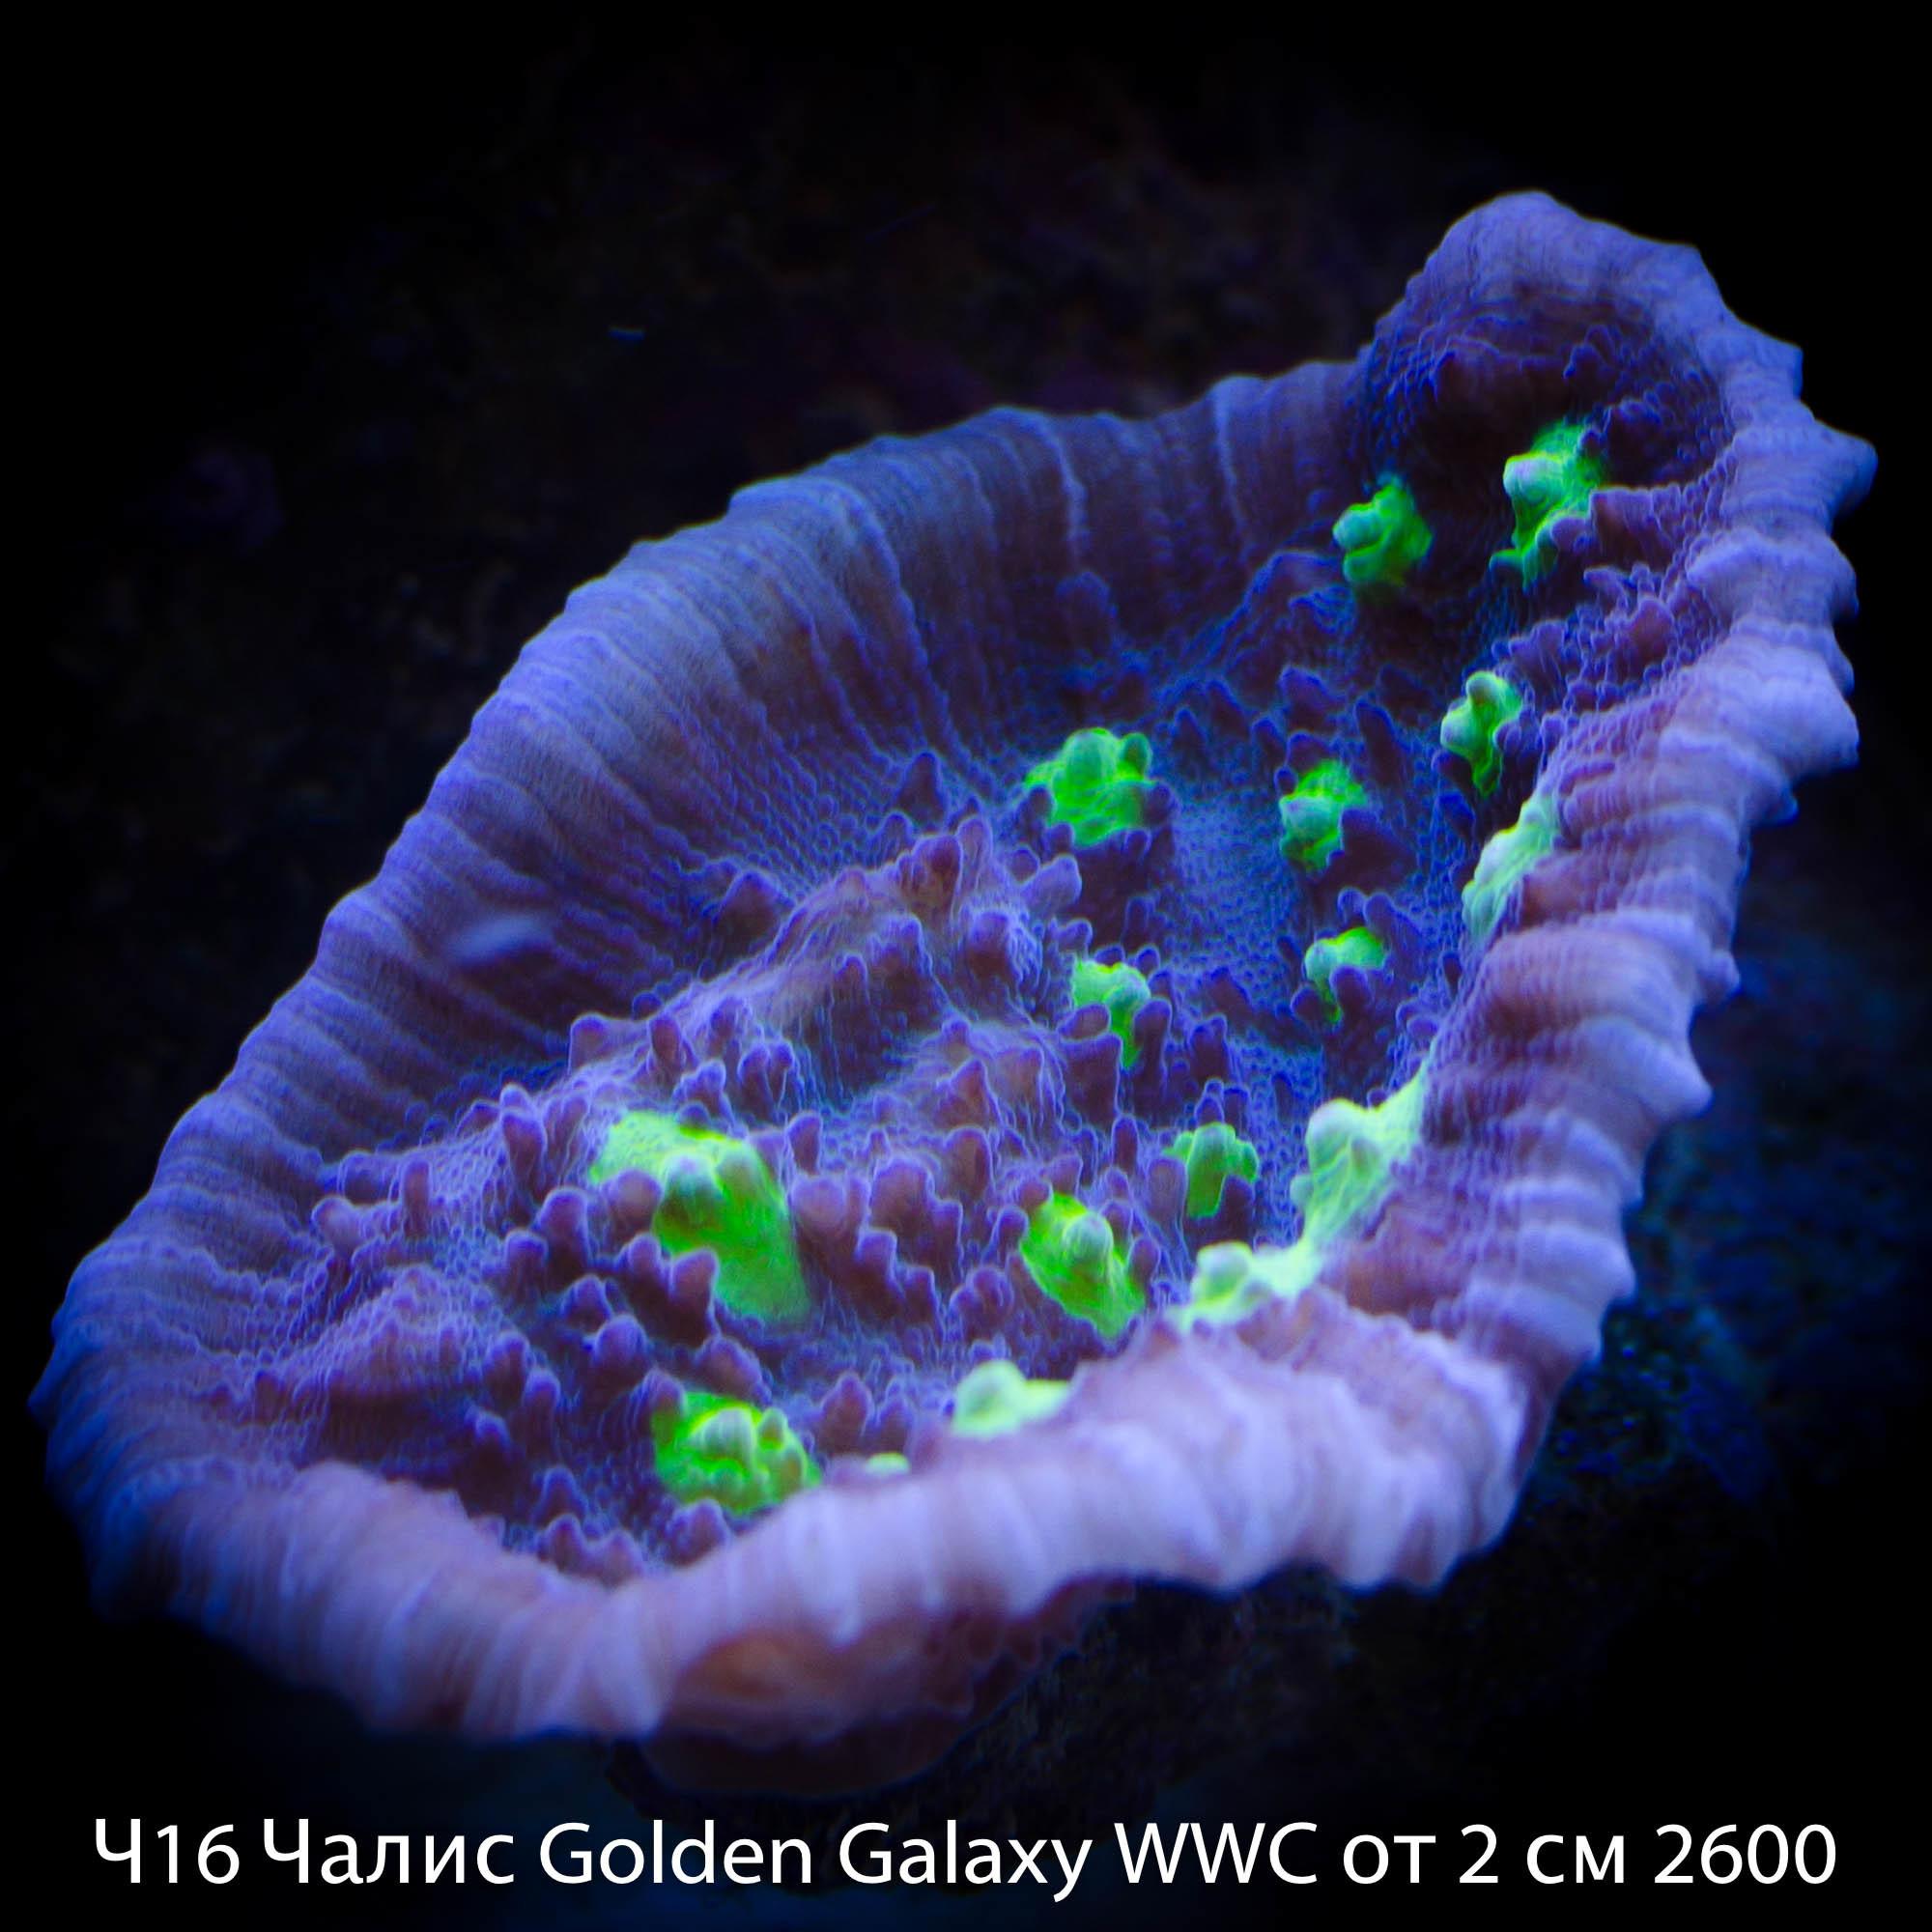 Ч16 Чалис Golden Galaxy WWC от 2 см 2600